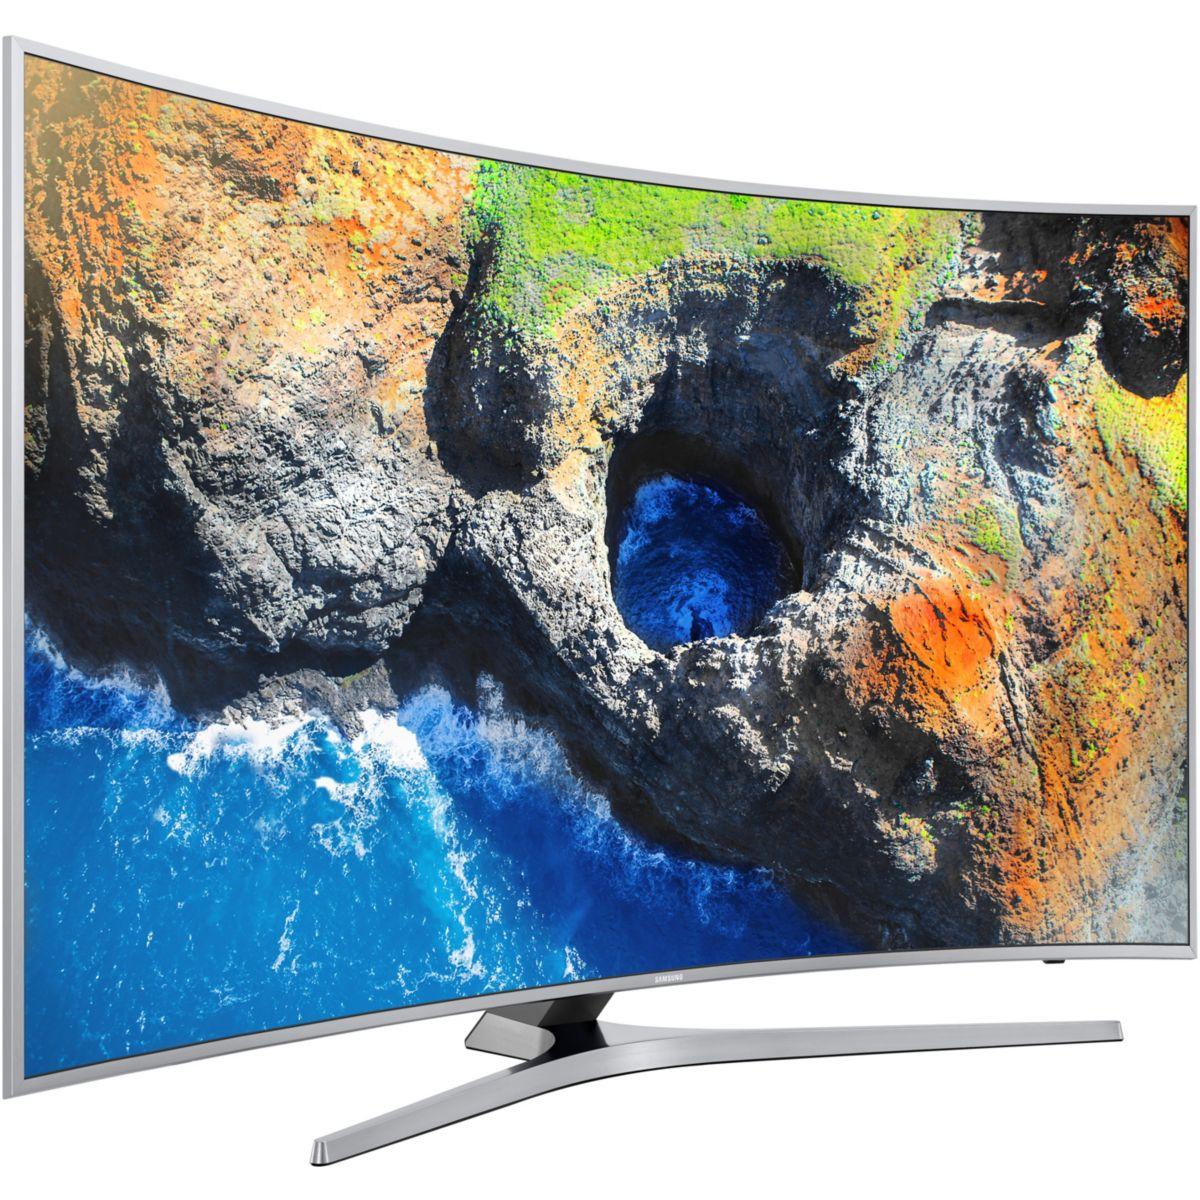 TV SAMSUNG UE49MU6505 4K HDR INCURVE SMA